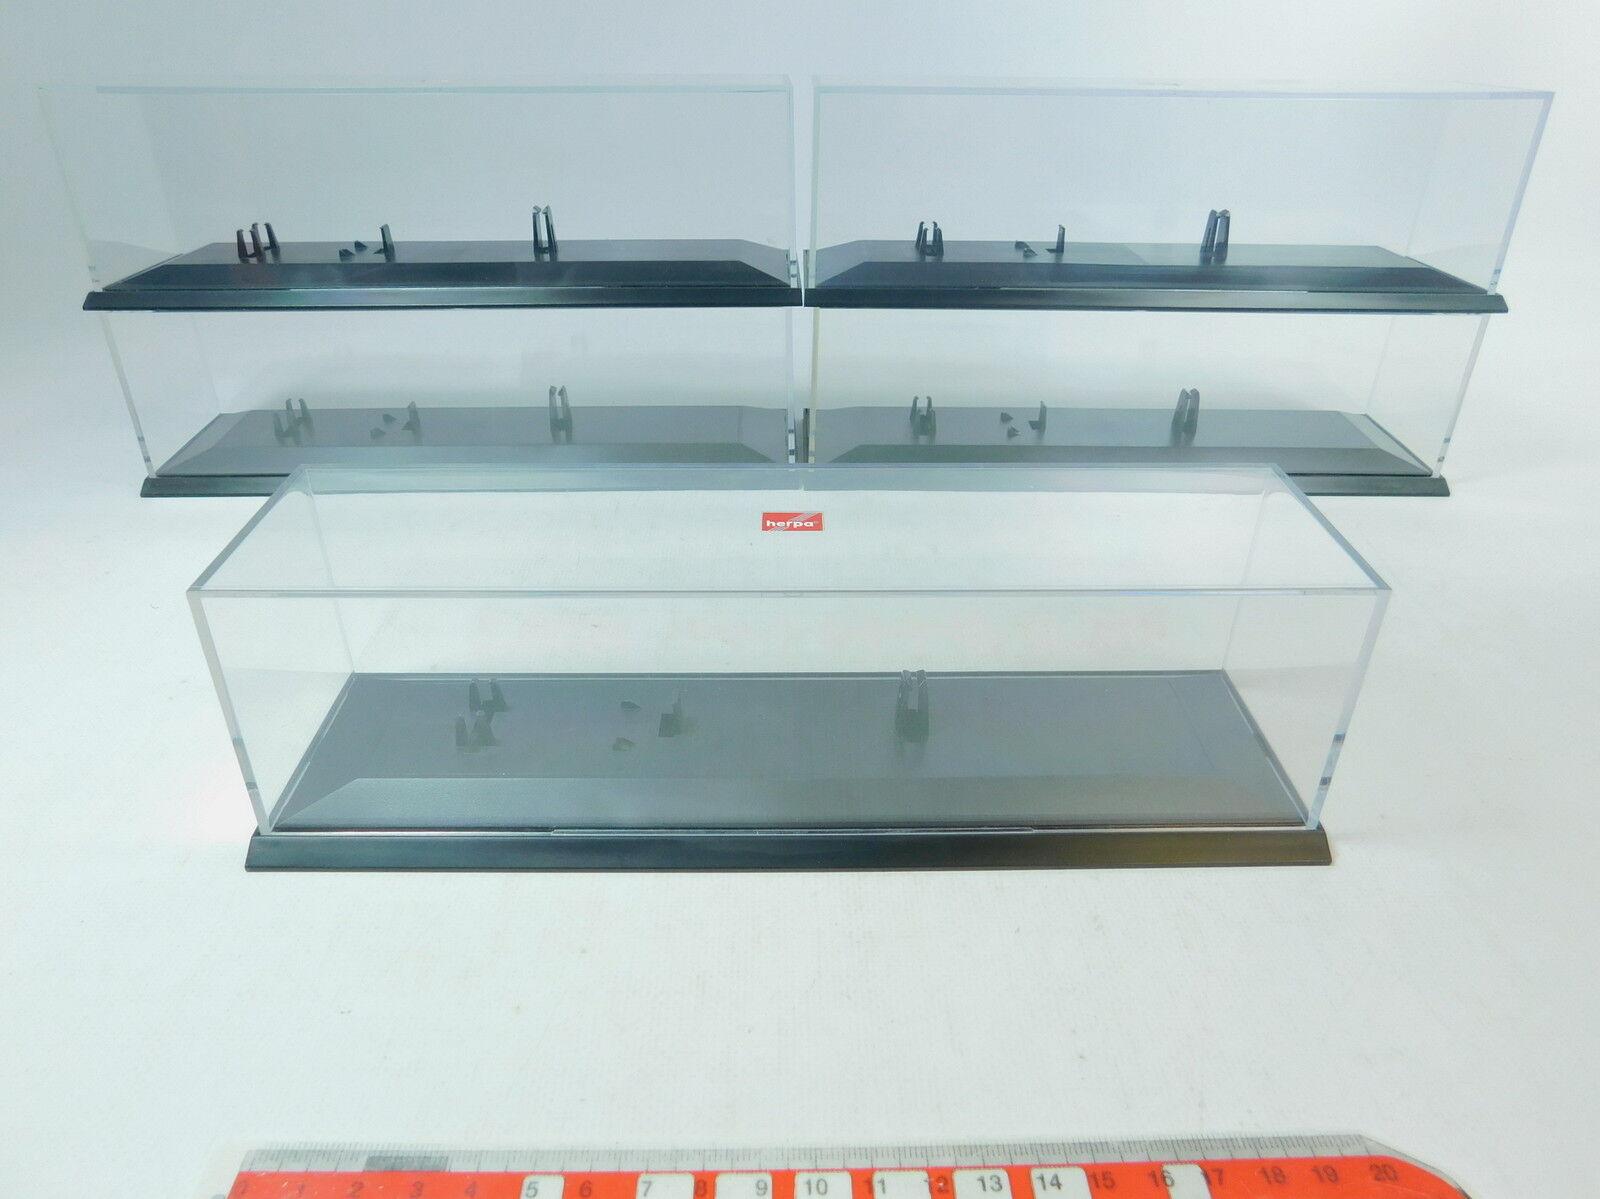 AV15-2x Herpa H0 Vitrine für Sattelzug Lastzug Hängerzug LKW, sehr gut